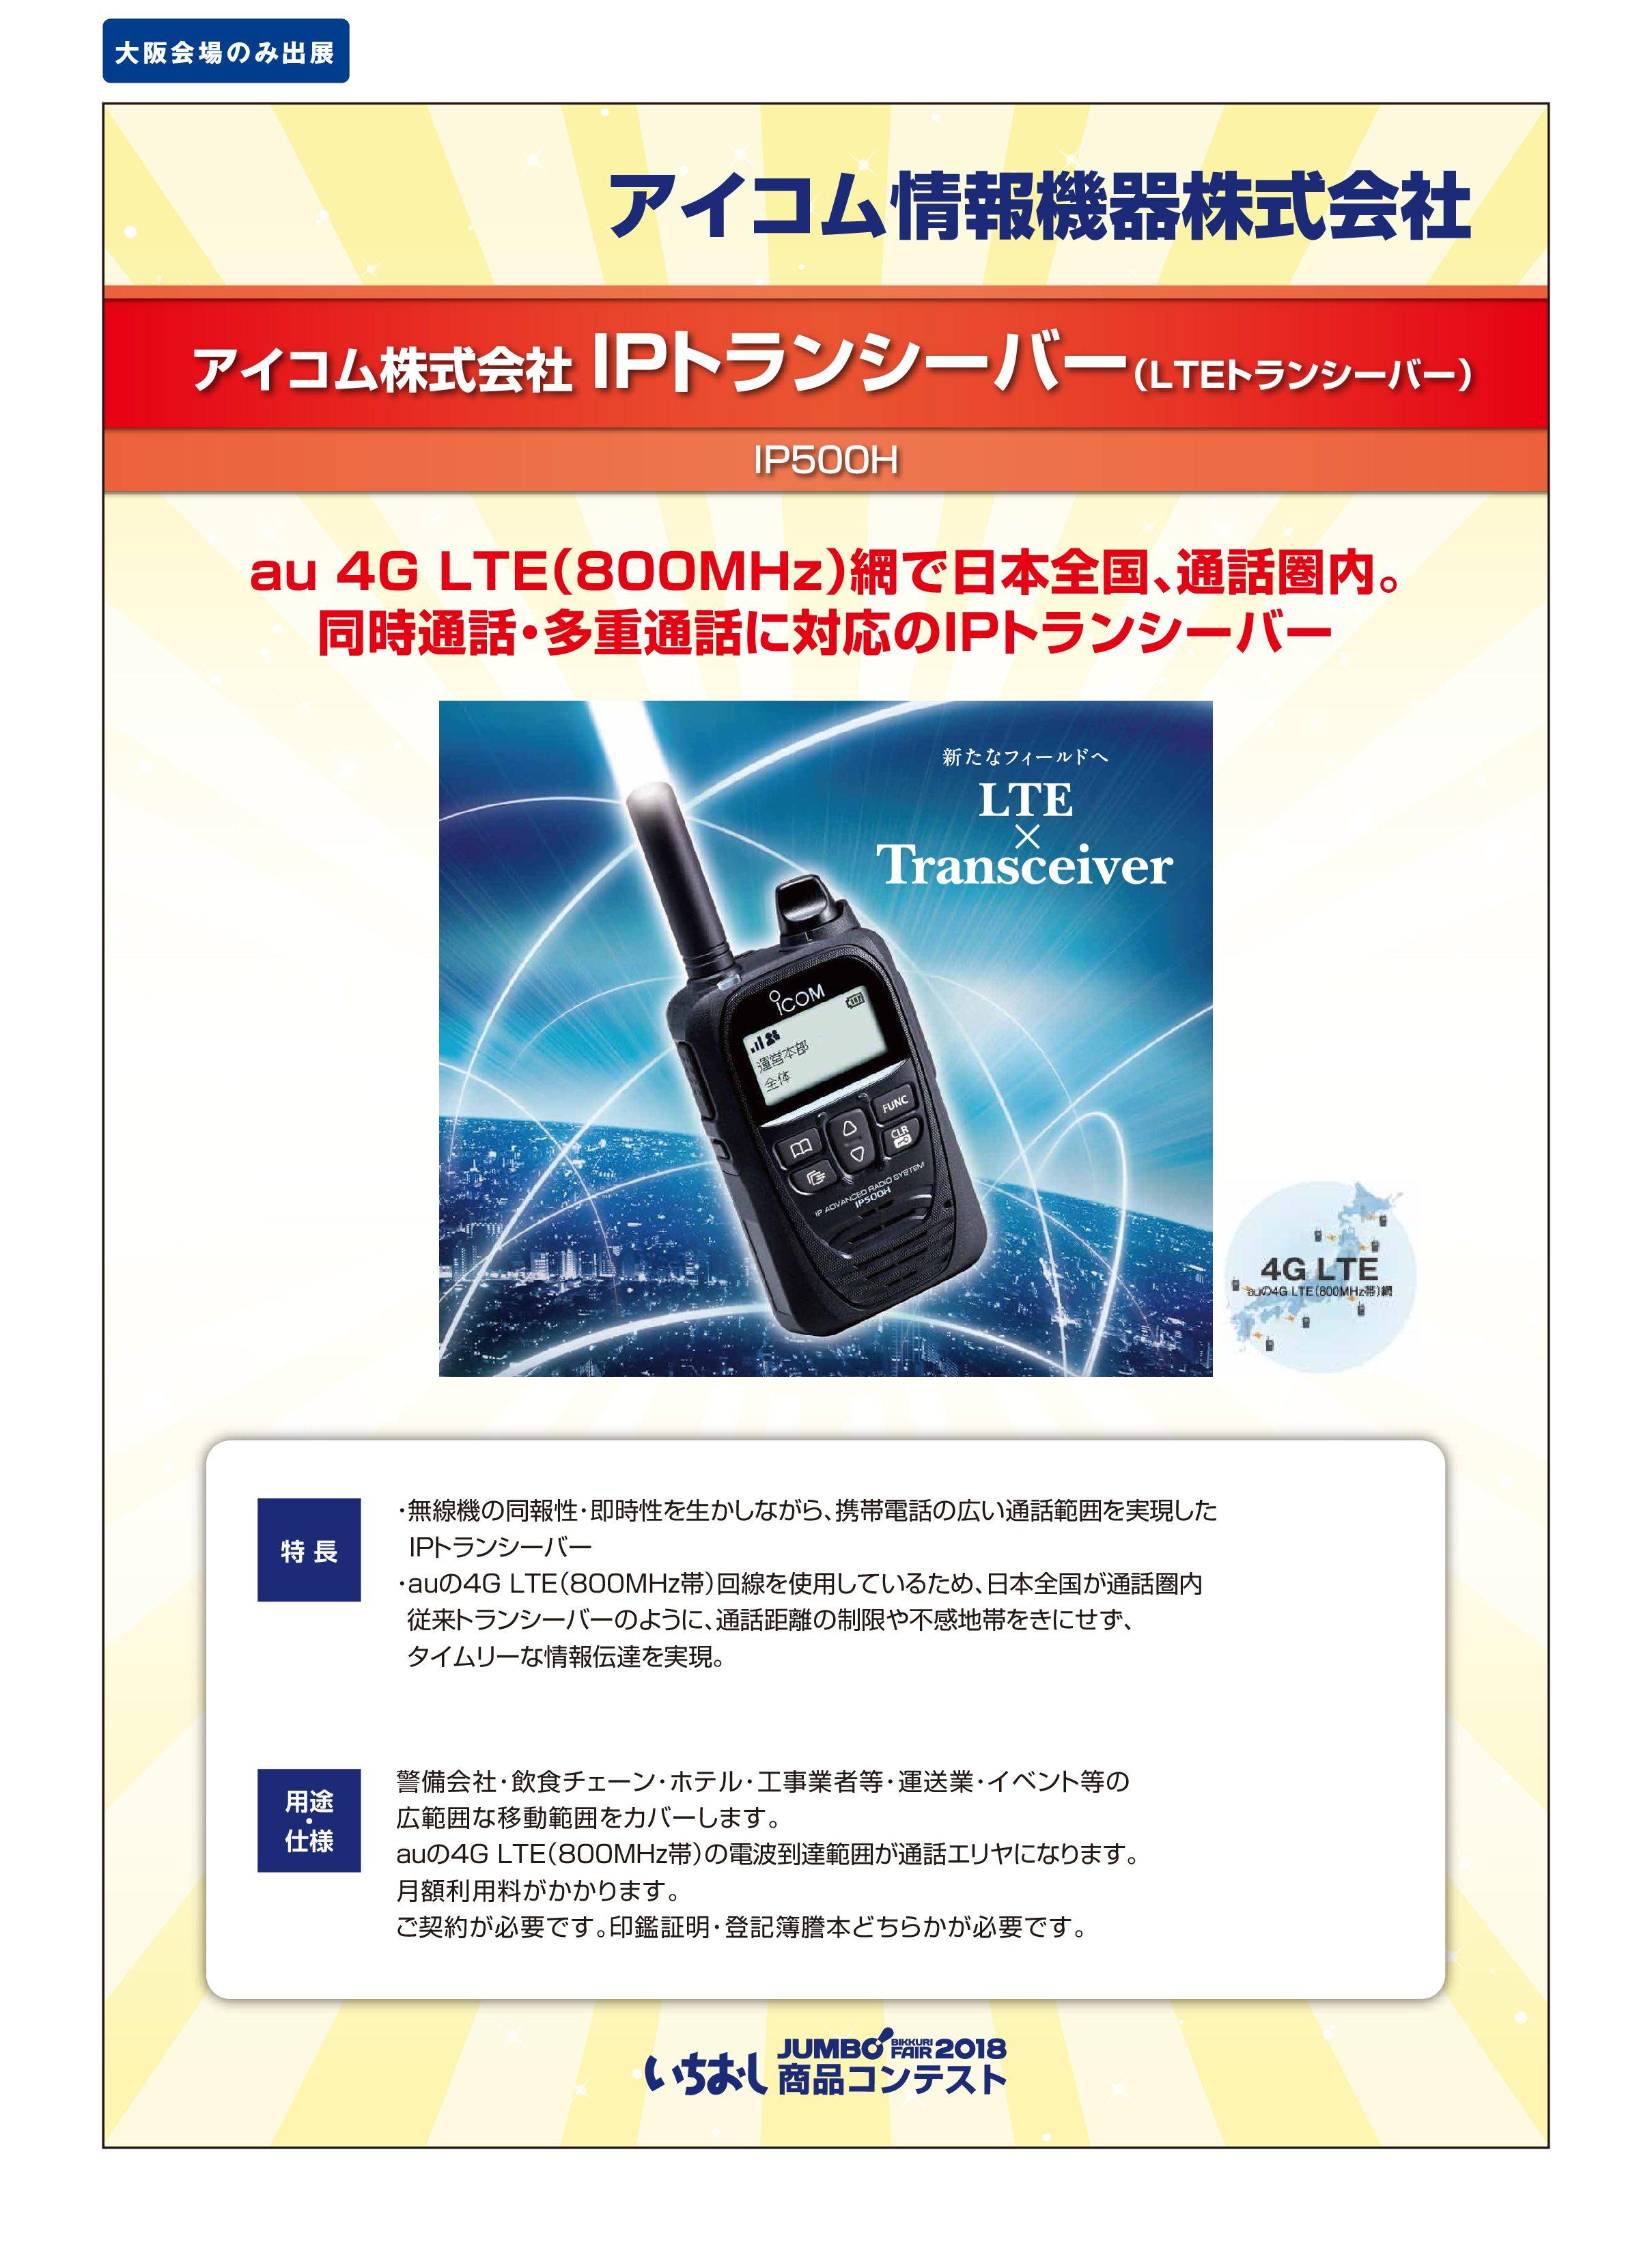 「アイコム株式会社 IPトランシーバー(LTEトランシーバー)」アイコム情報機器株式会社の画像